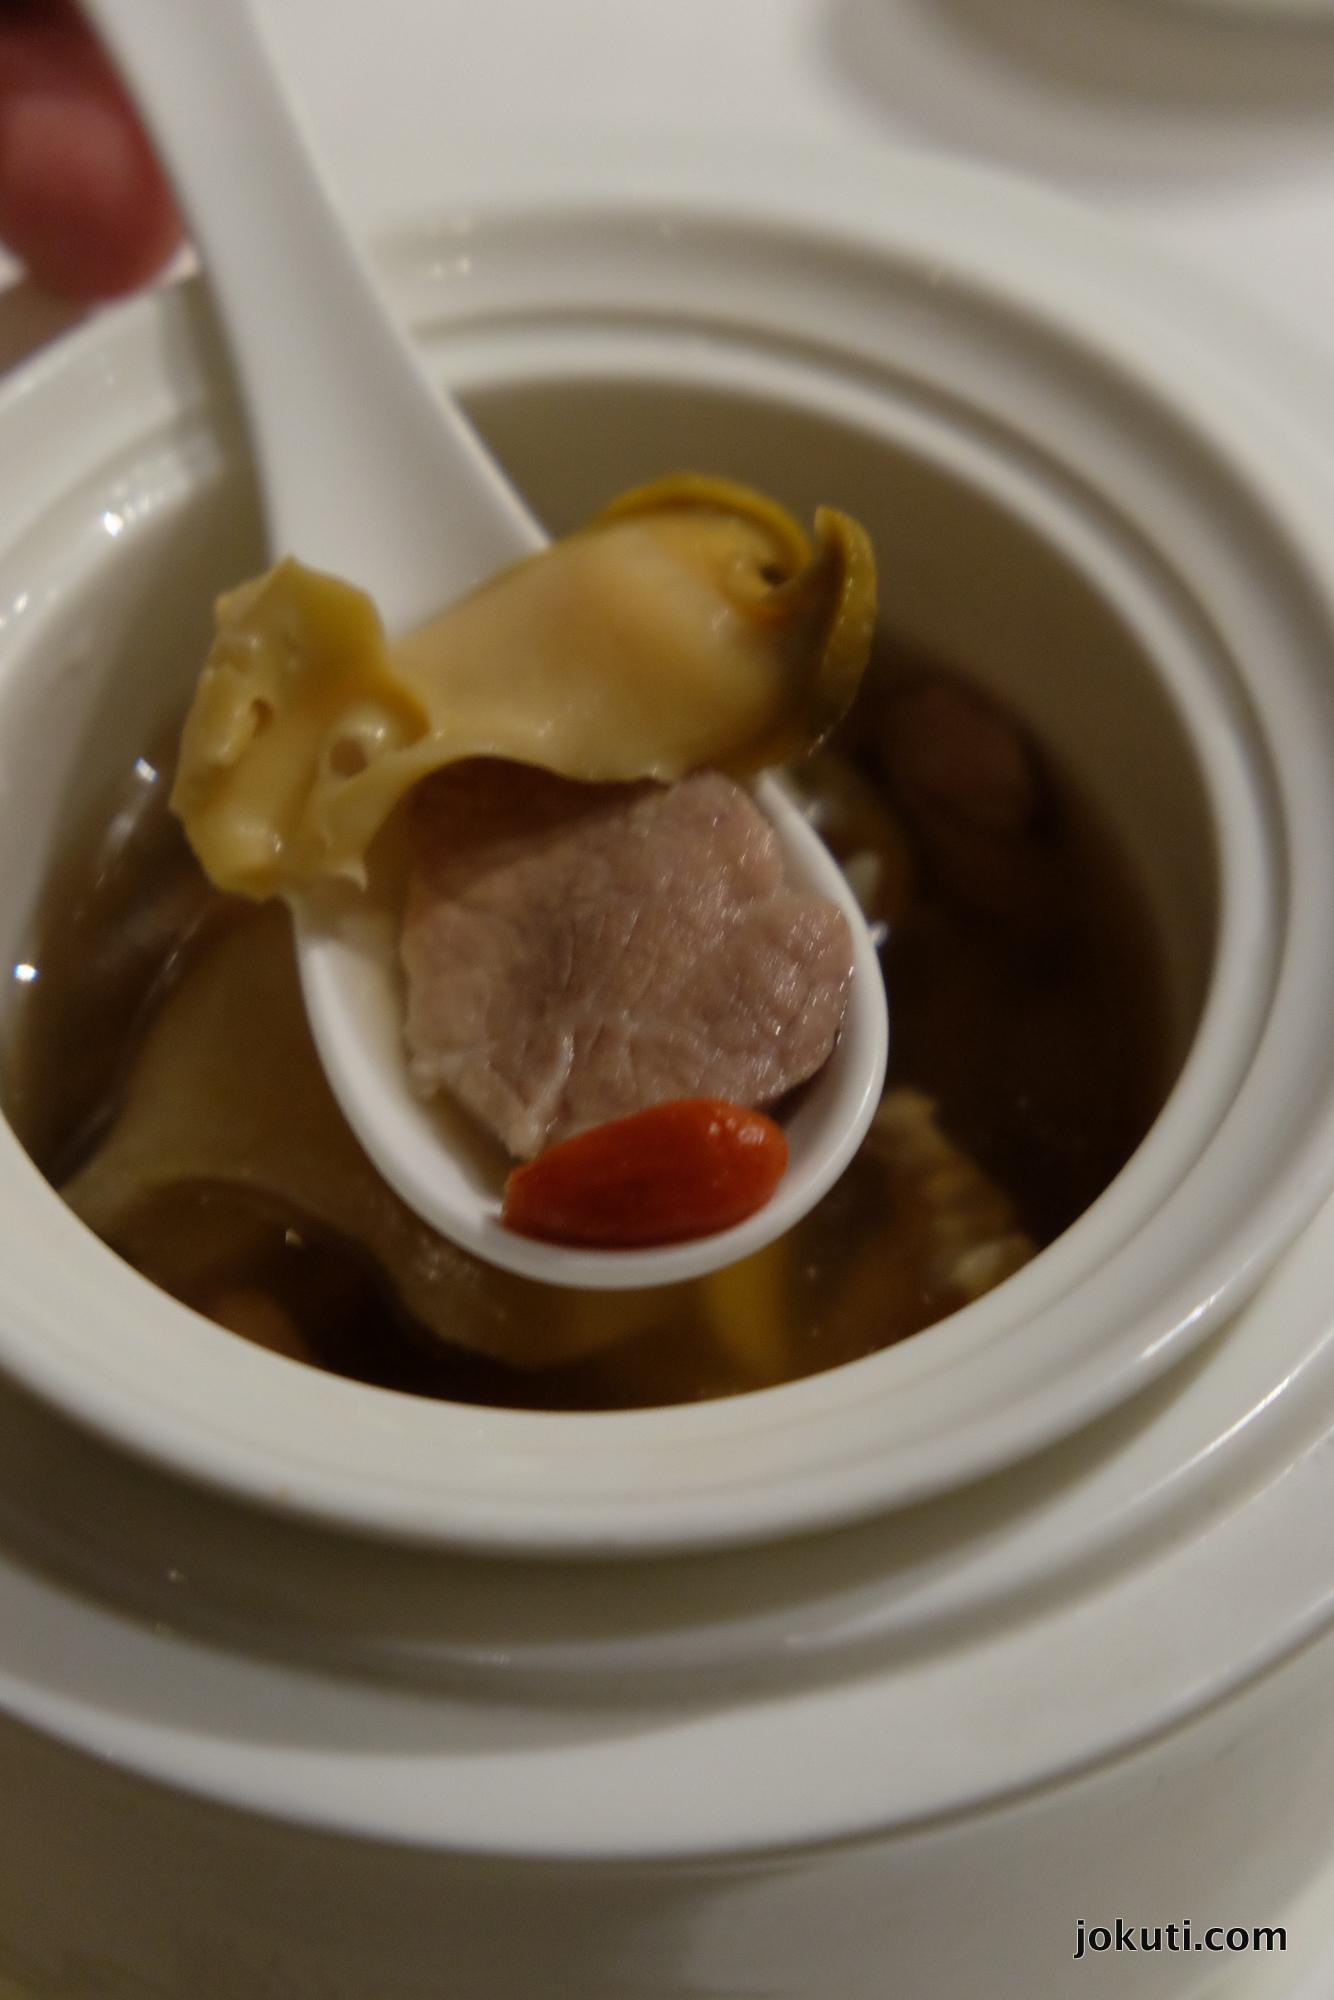 dscf6852_jade_dragon_restaurant_cantonese_chinese_michelin_macau_makao_china_kinai_vilagevo_jokuti.jpg